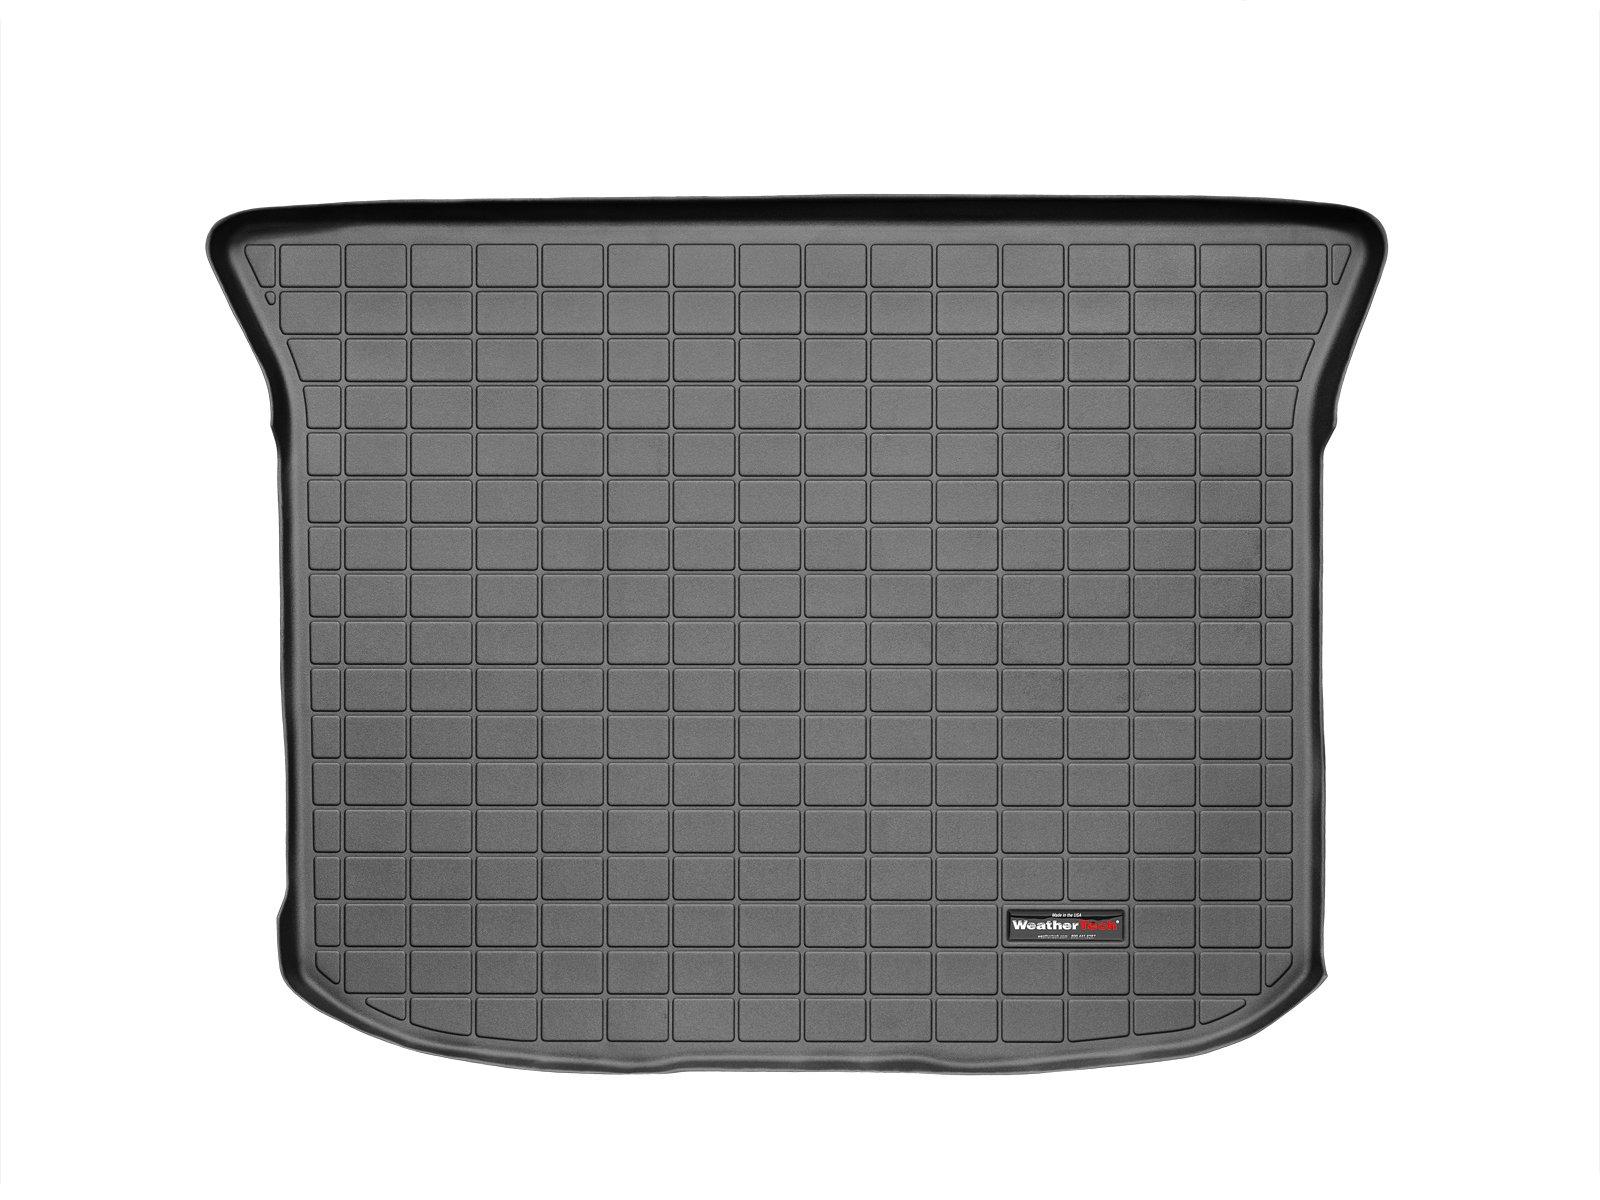 WeatherTech  441201  Custom Fit Front FloorLiner for Select Ford Models Black